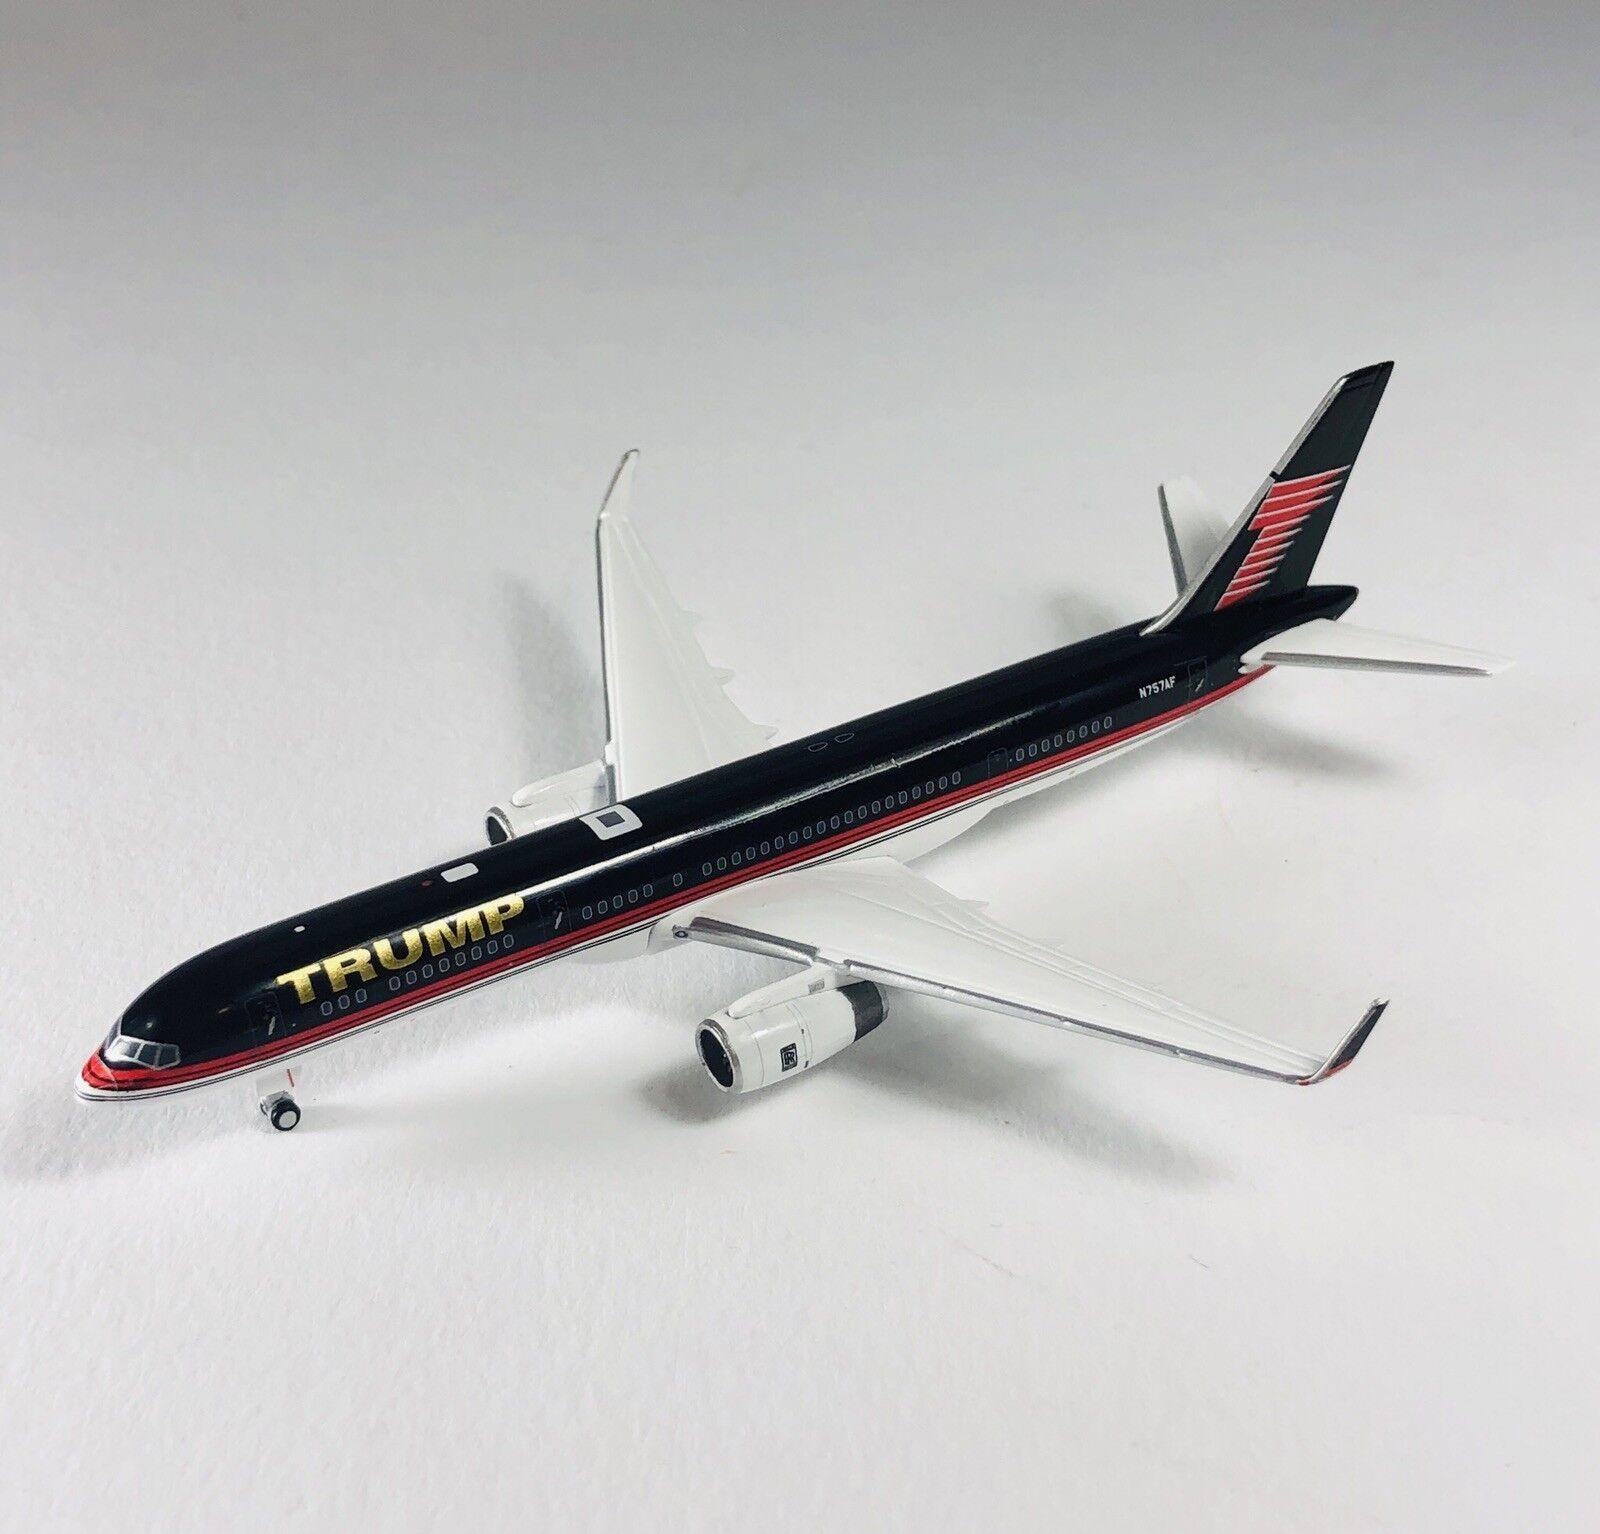 envío rápido en todo el mundo Gemini 1 400 Boeing 757-200 Trump Trump Trump Diecast Metal Avión réplica  mejor calidad